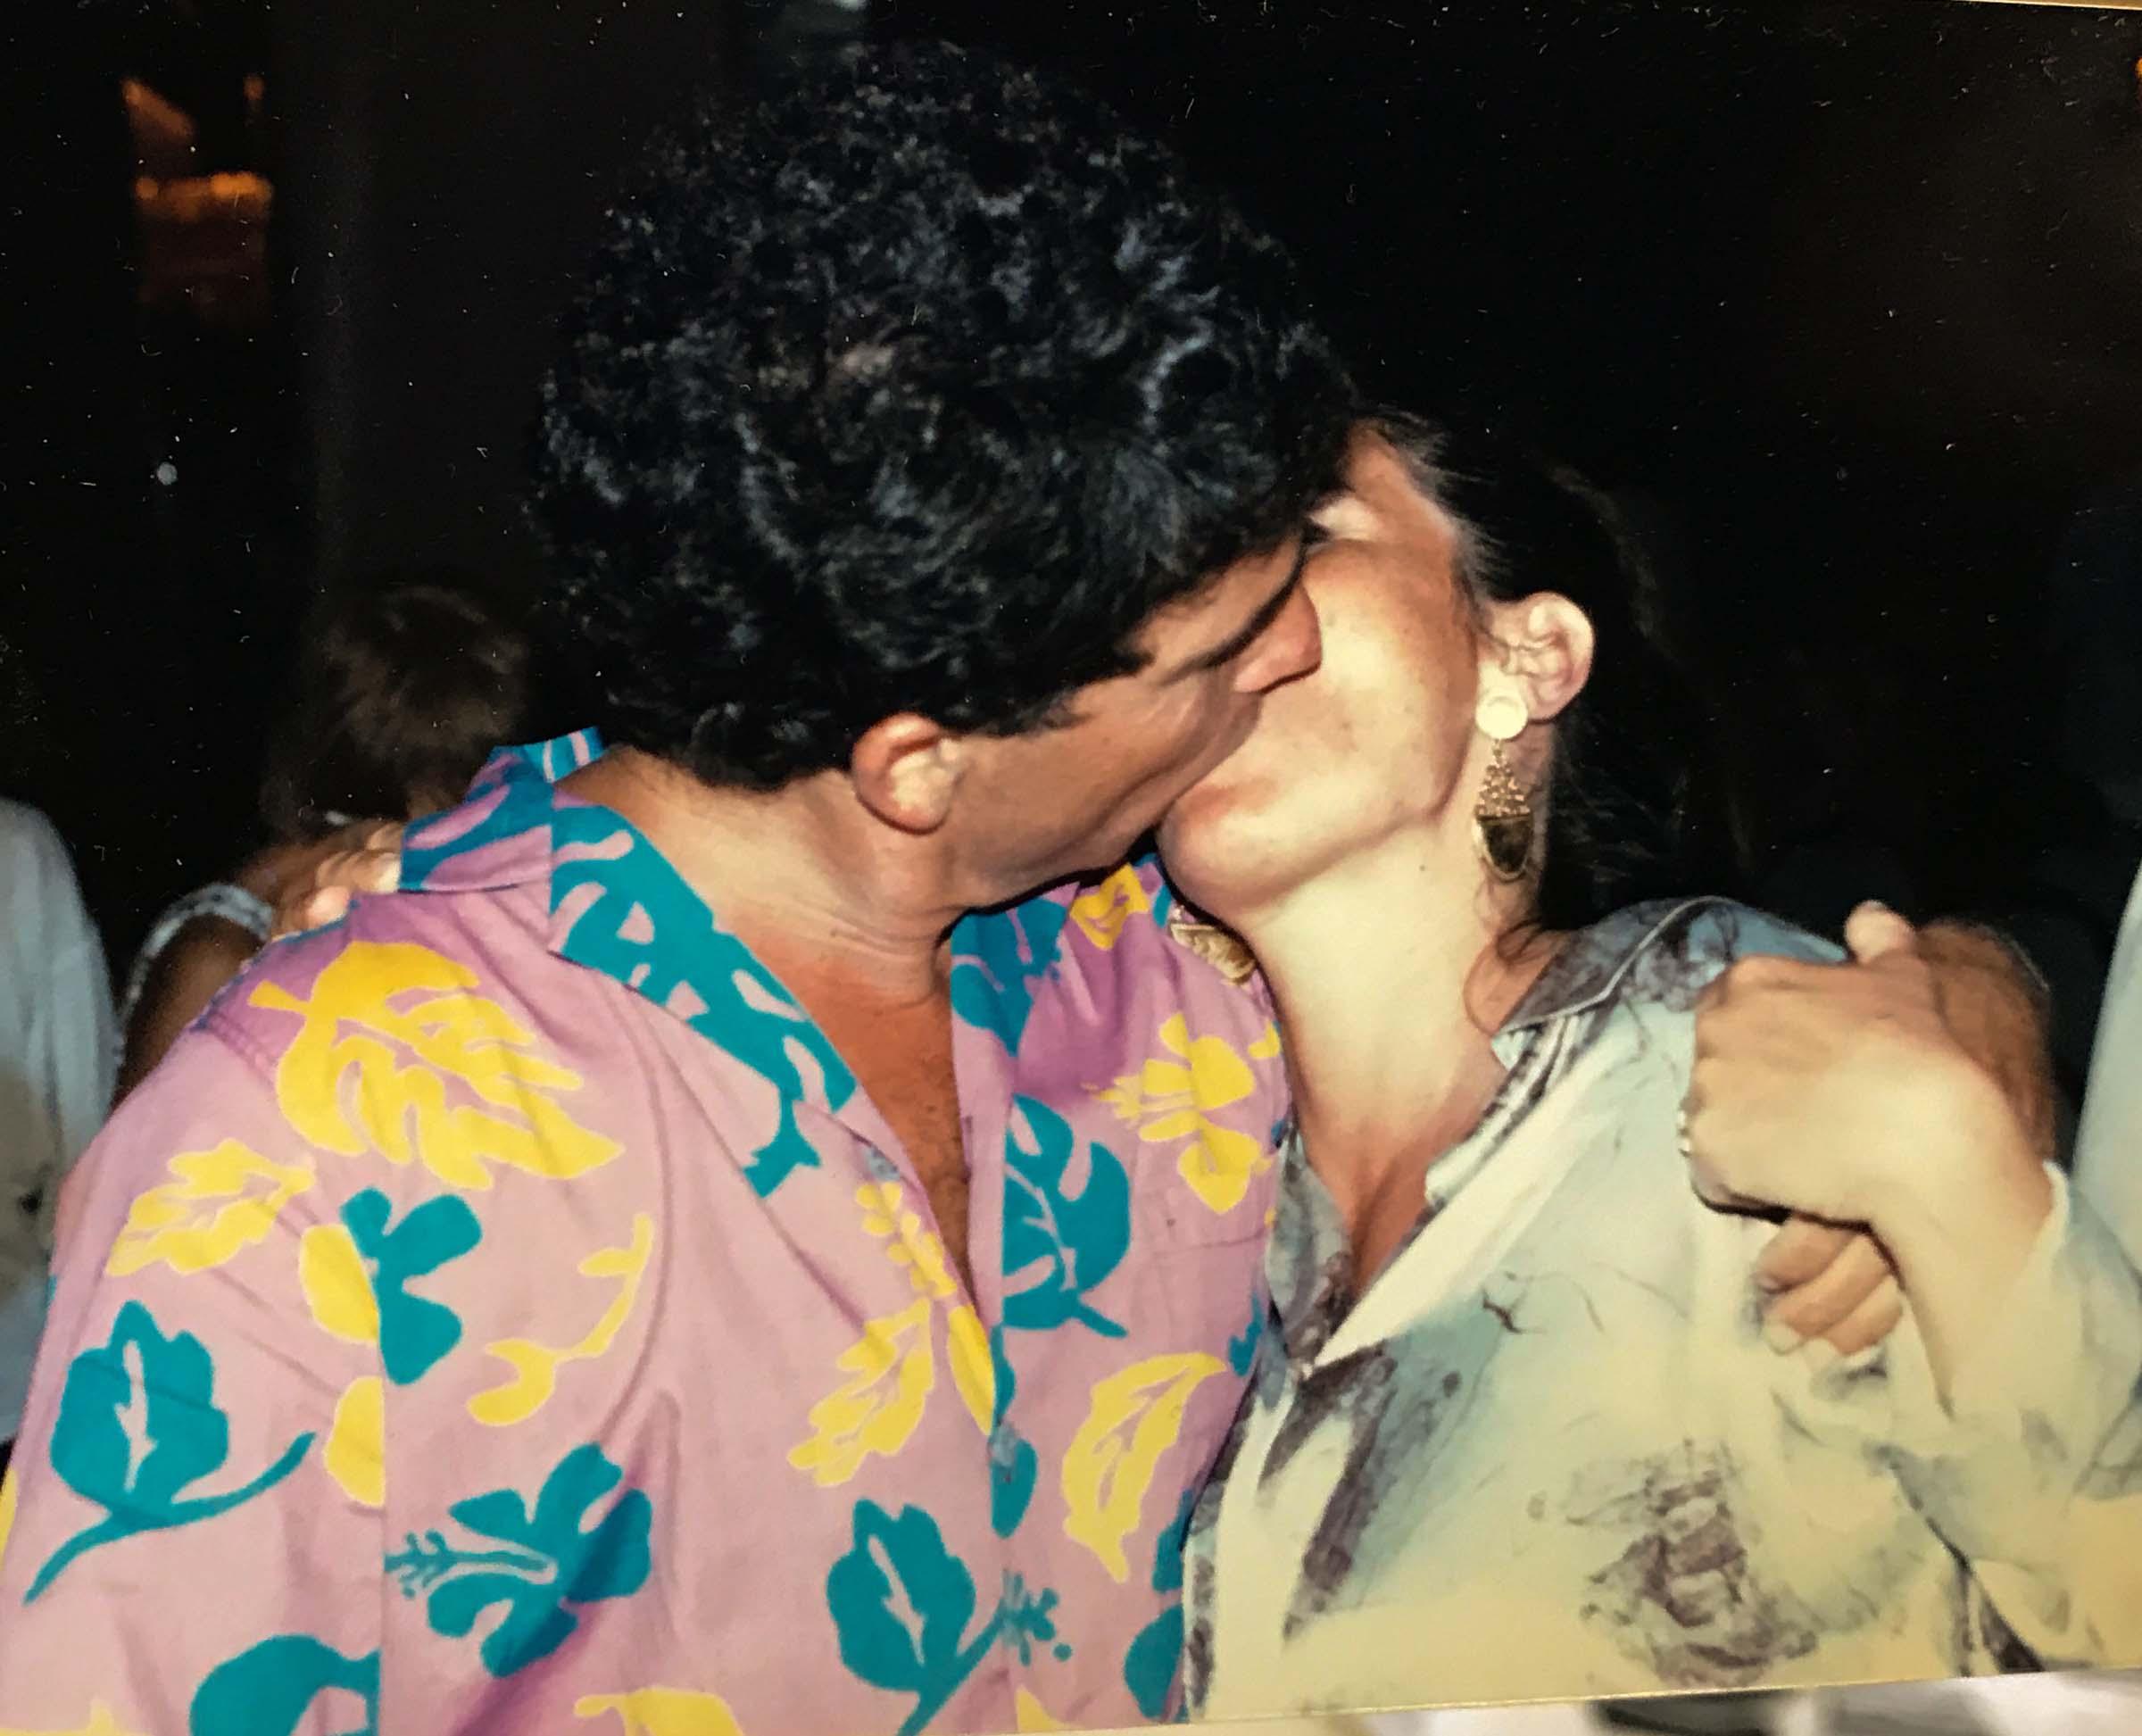 SITE-the kiss.jpg